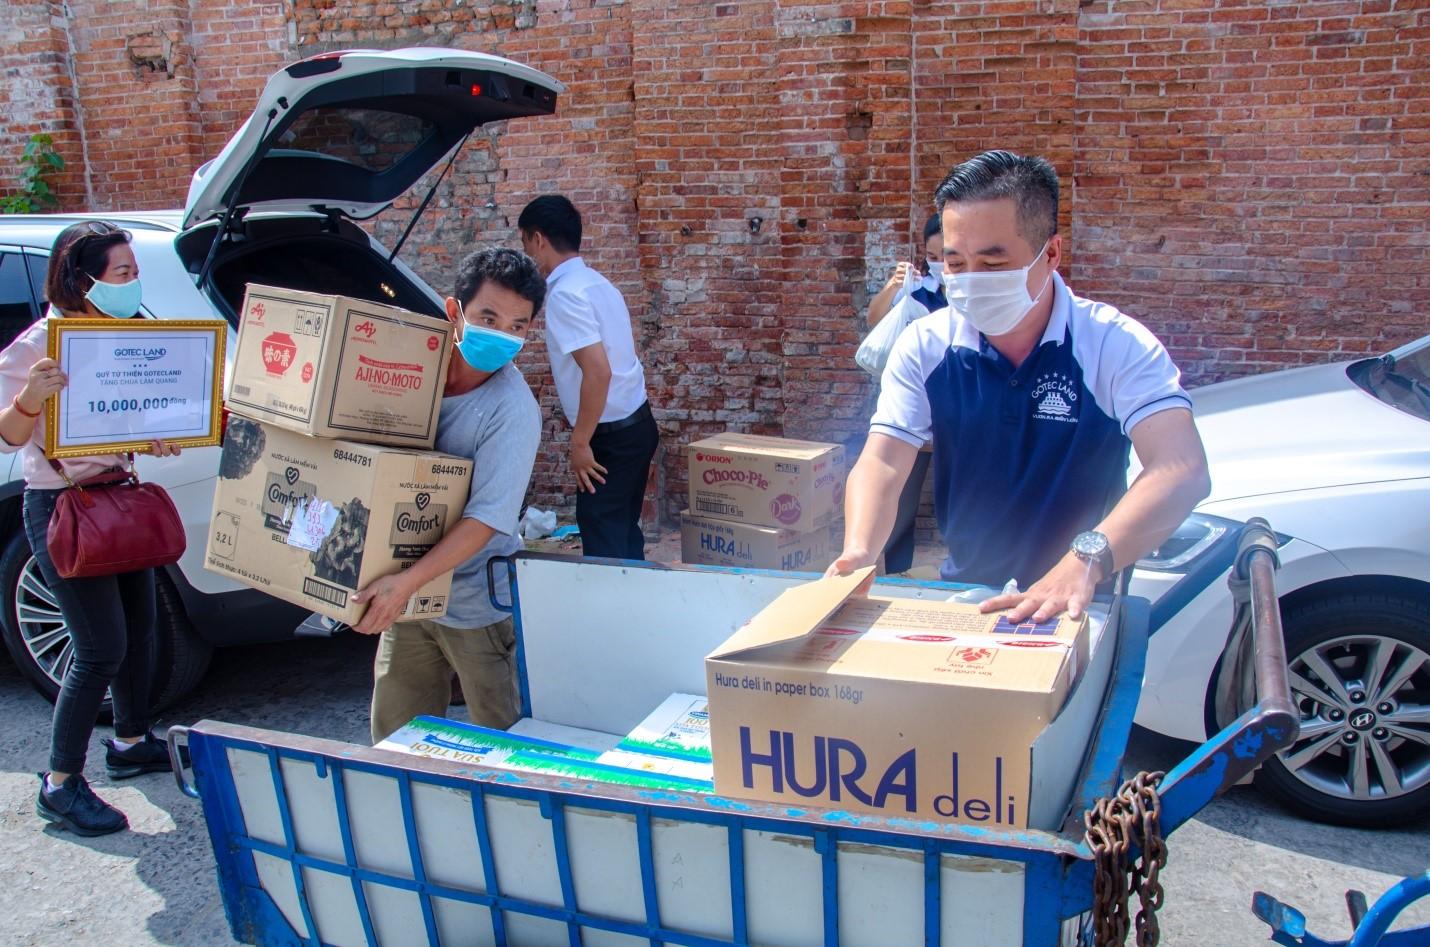 Đoàn thiện nguyện Gotec Land góp phần đem đến một cái Tết ấm no cho những mảnh đời khó khăn tại chùa Lâm Quang (quận 8, TP HCM) vào ngày 9/1. Ảnh: Gotec Land.